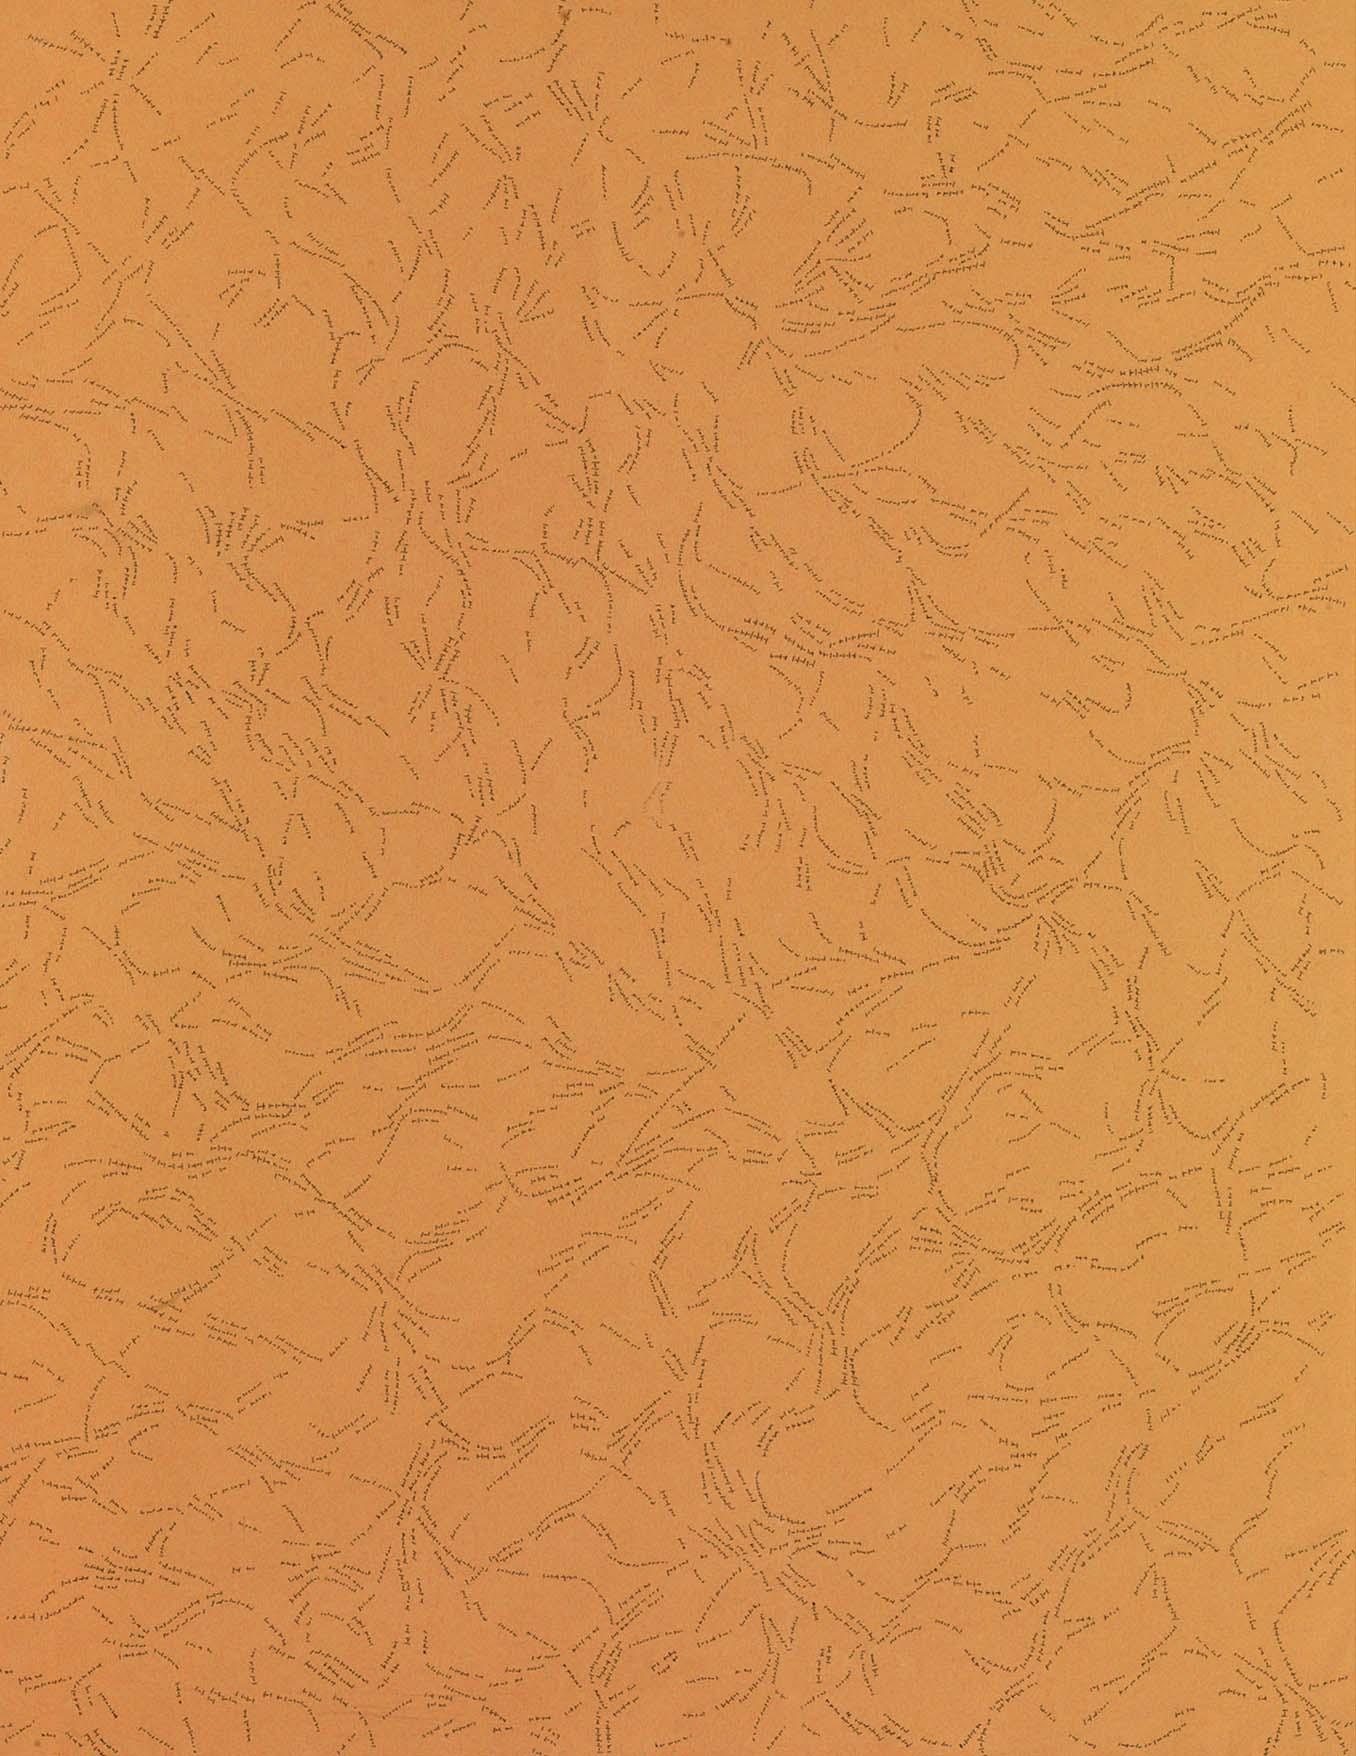 Dadamaino, Interludio, 1981, 62,5 x 48 cm